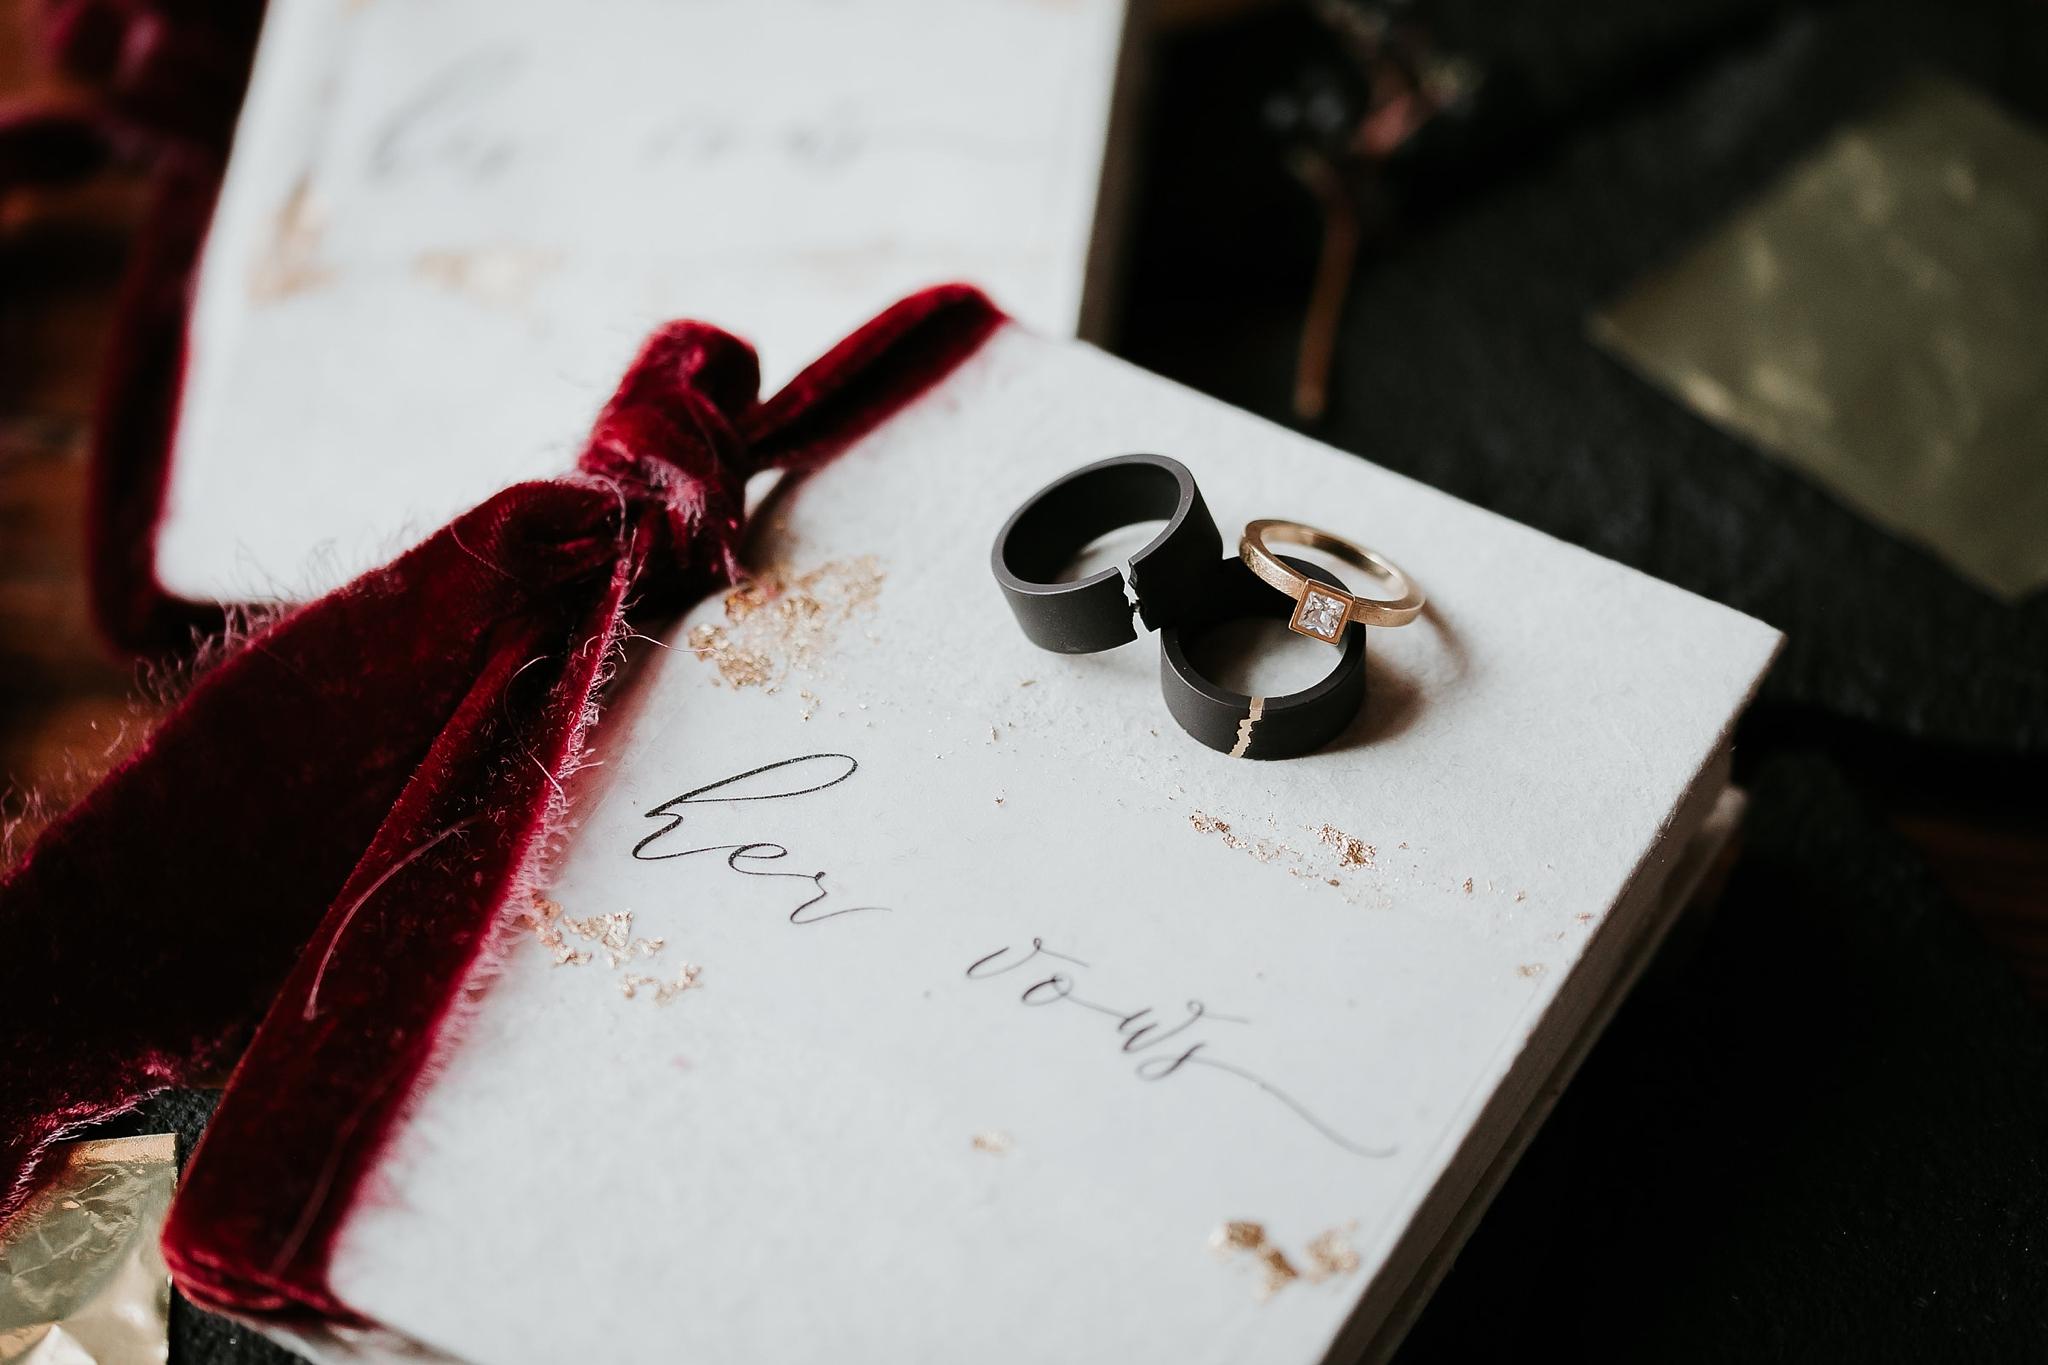 Alicia+lucia+photography+-+albuquerque+wedding+photographer+-+santa+fe+wedding+photography+-+new+mexico+wedding+photographer+-+new+mexico+wedding+-+santa+fe+wedding+-+albuquerque+wedding+-+wedding+rings+-+engagement+rings_0019.jpg